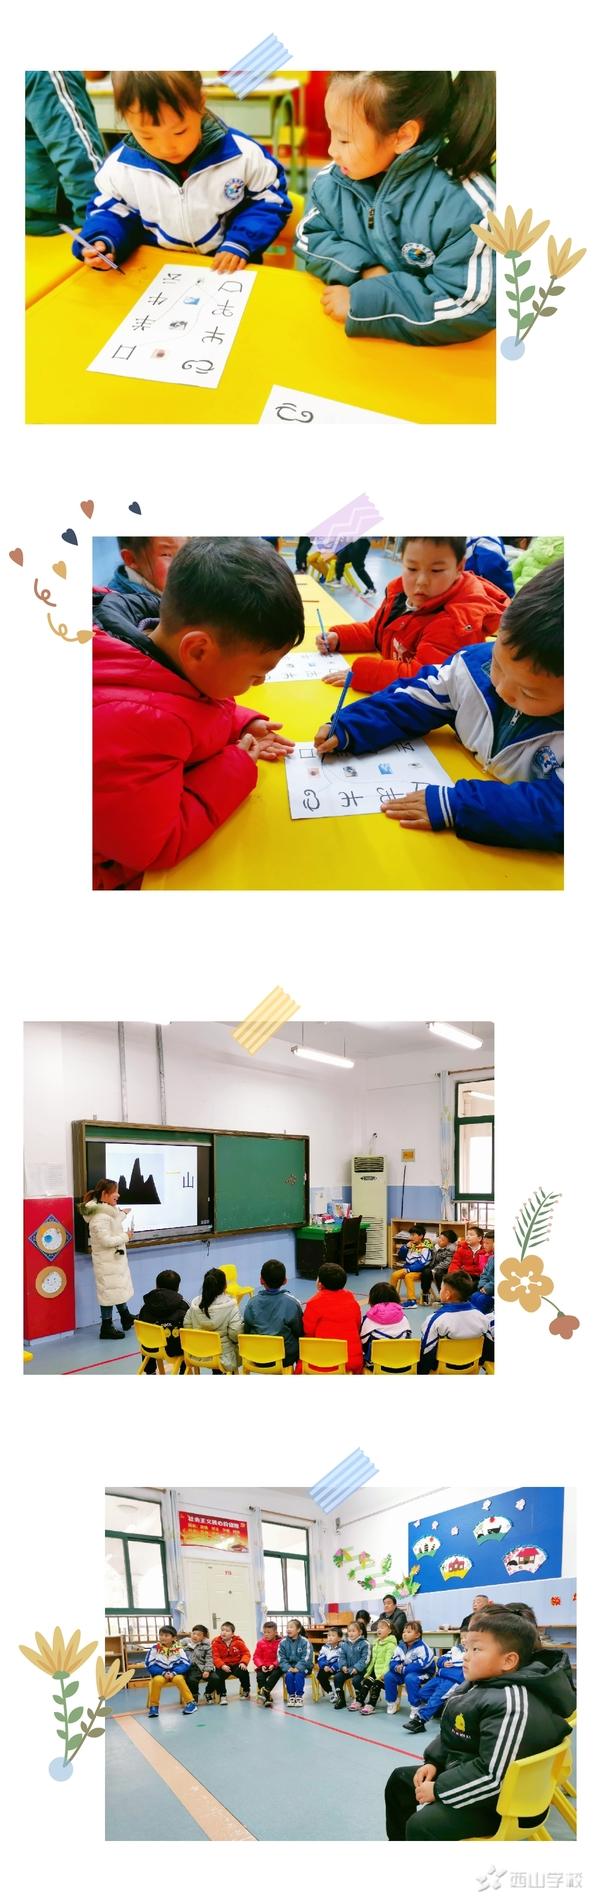 以课改促教展风采——西山幼儿园教师课改验收课考核